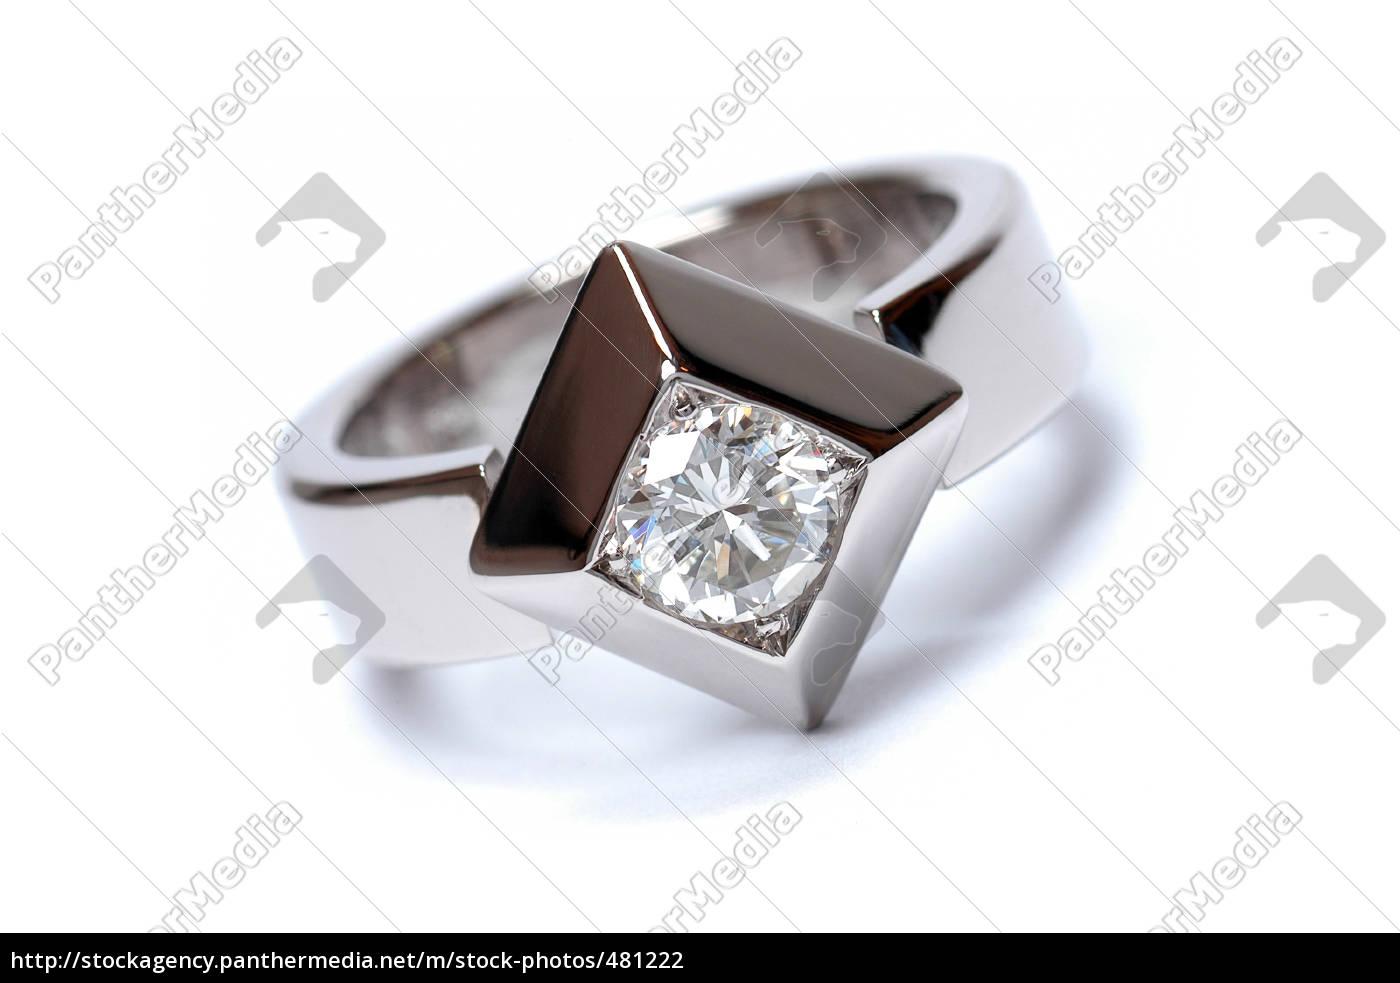 contemporary, diamond, ring - 481222